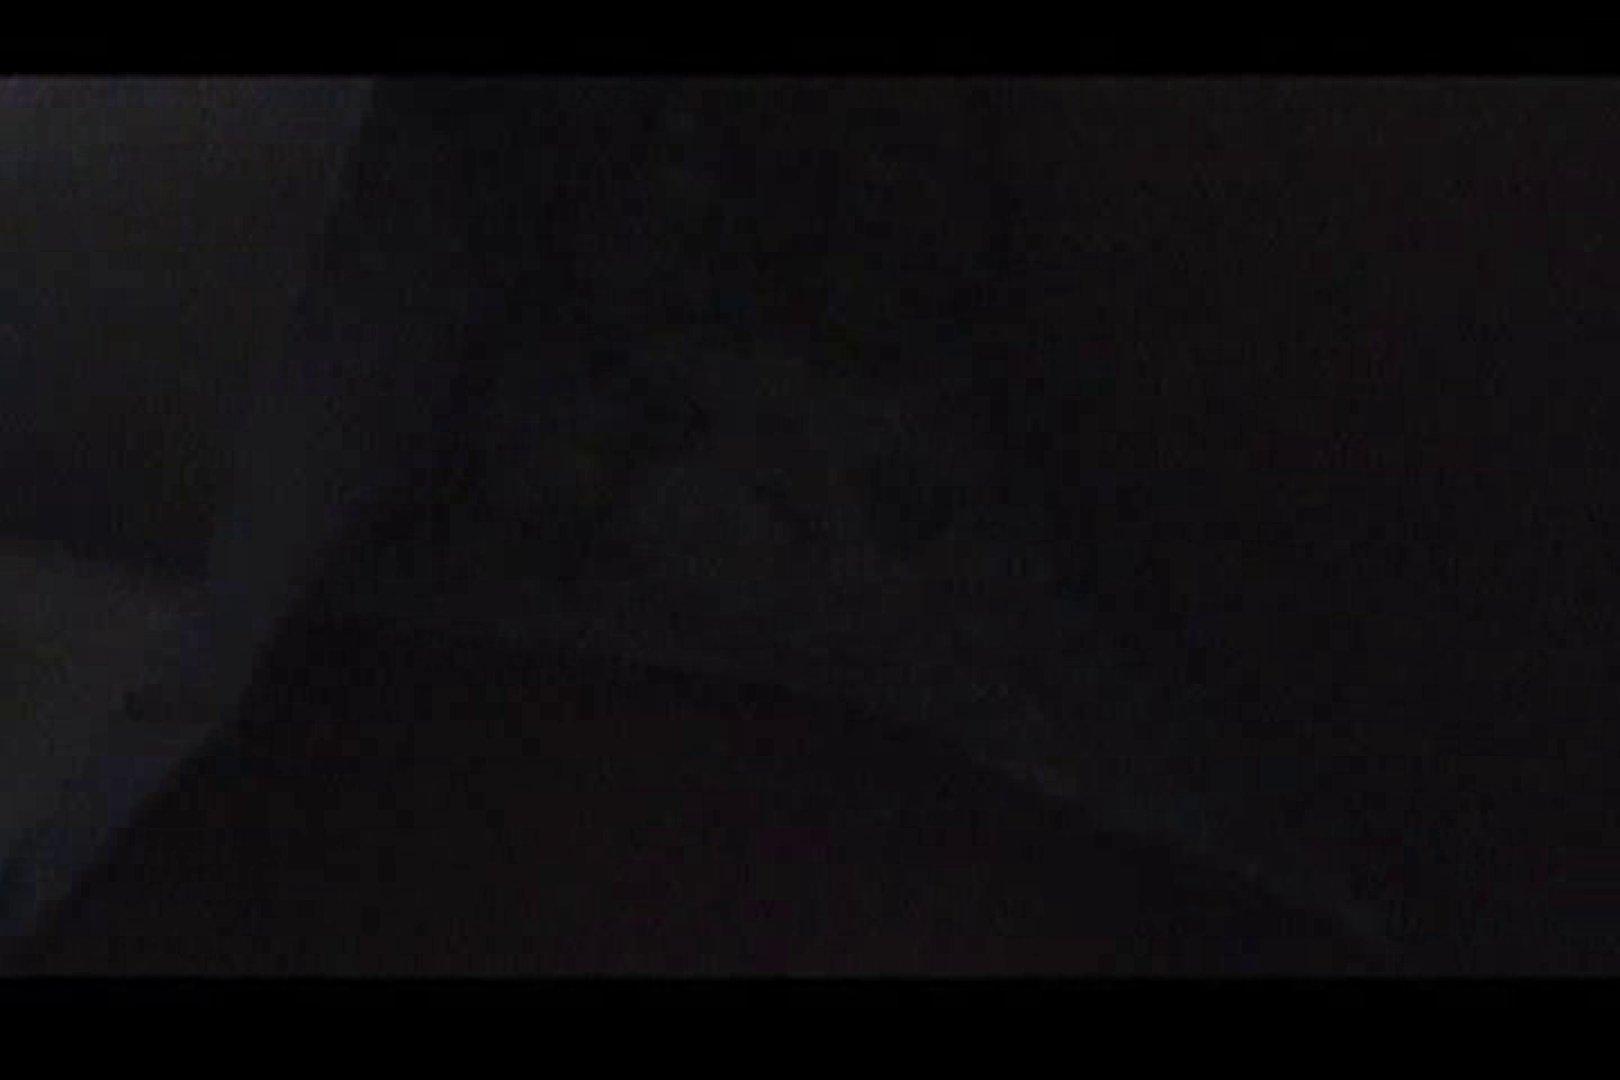 ぶっ掛け電車 只今運行中Vol.6 制服エロ画像 スケベ動画紹介 73PICs 33